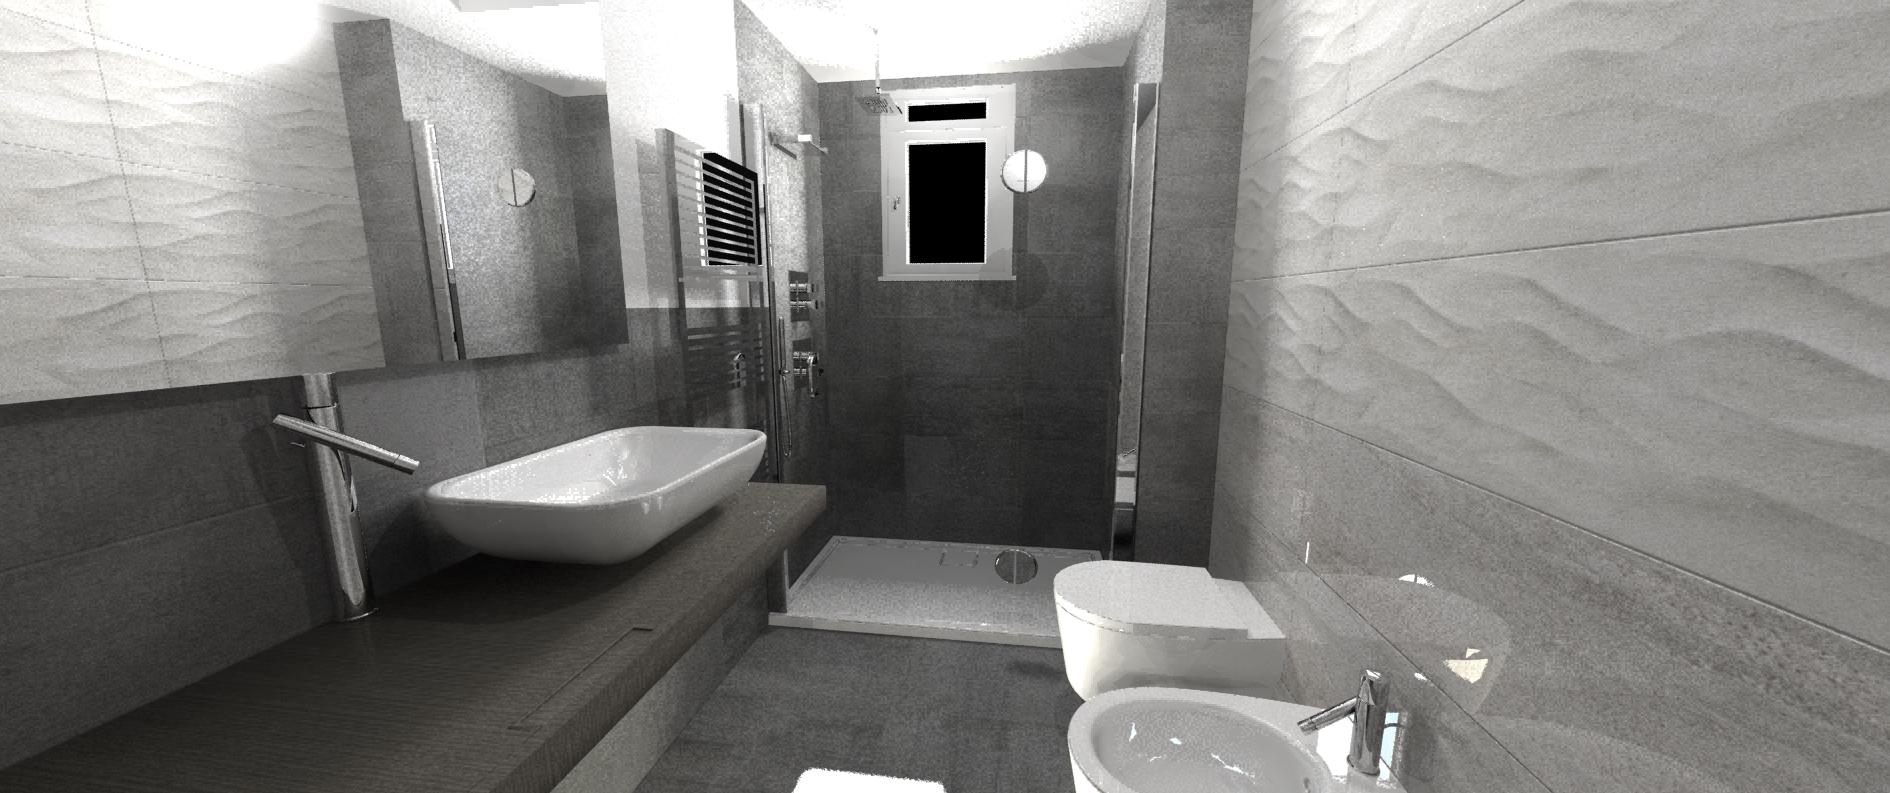 Rivestimento bagno piccolo pq05 pineglen for Idee rivestimento bagno